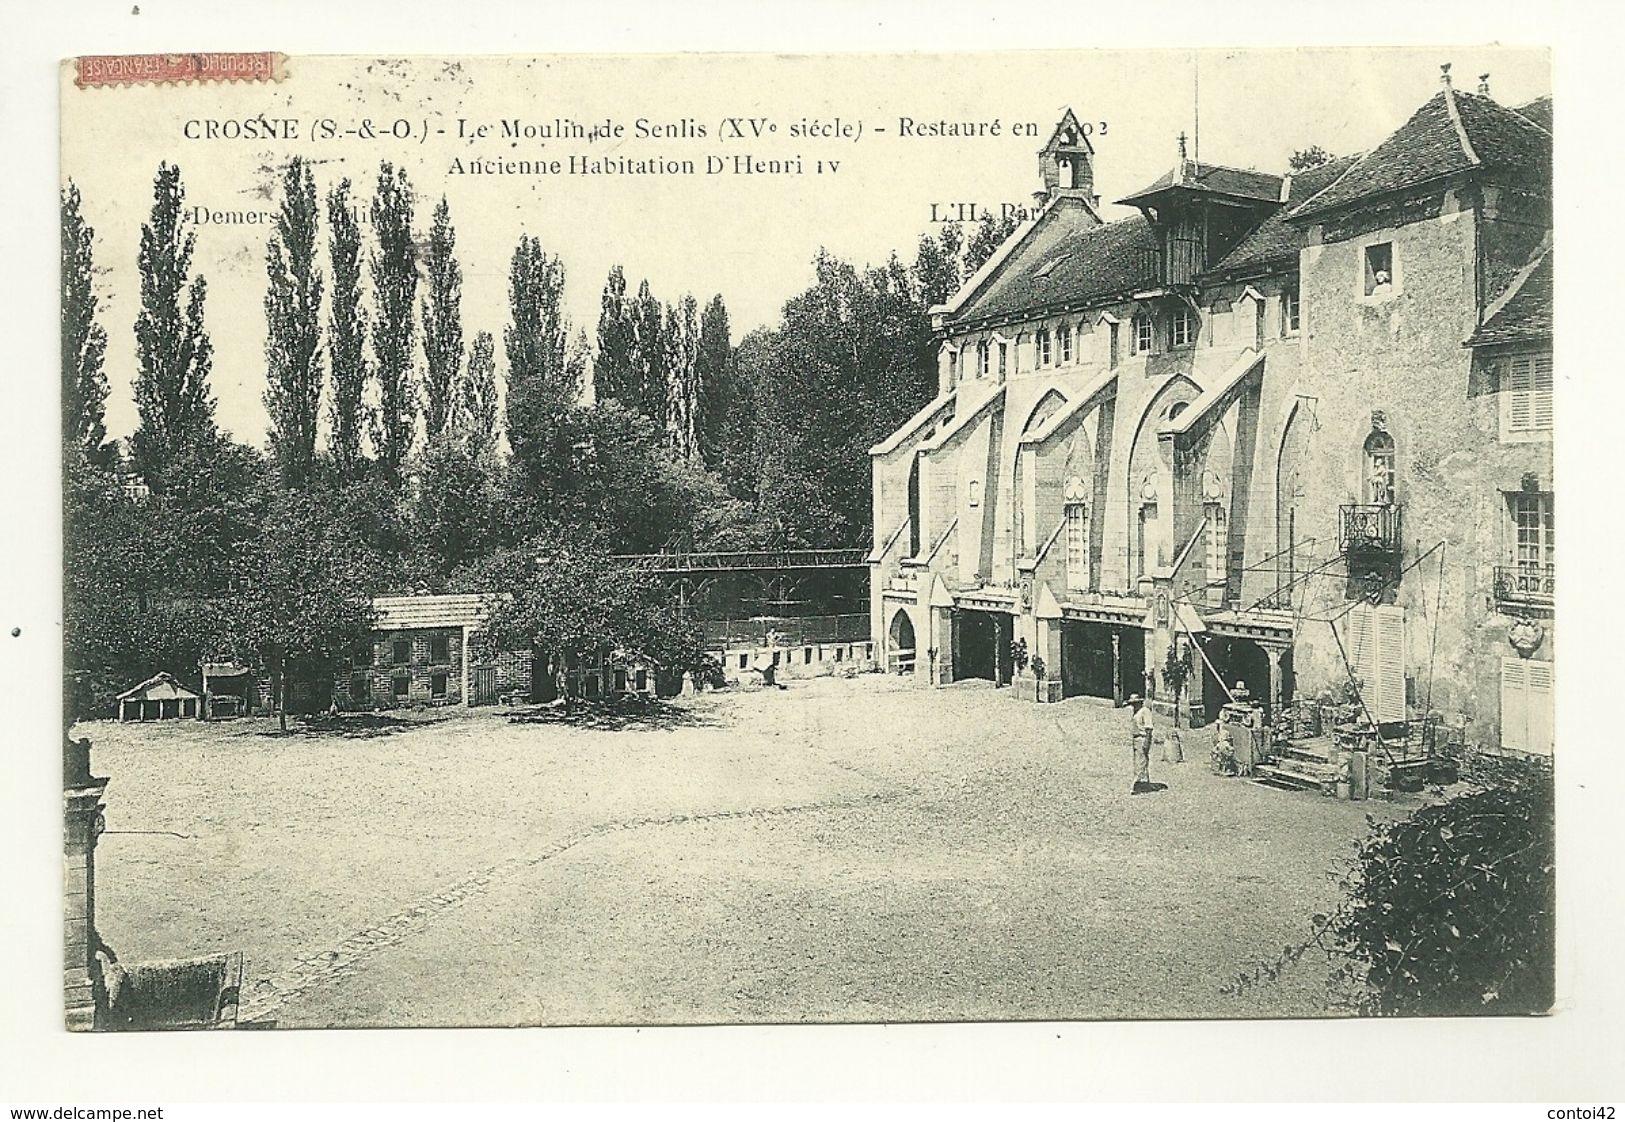 91 CROSNES LE MOULIN DE SENLIS ESSONNE - Crosnes (Crosne)